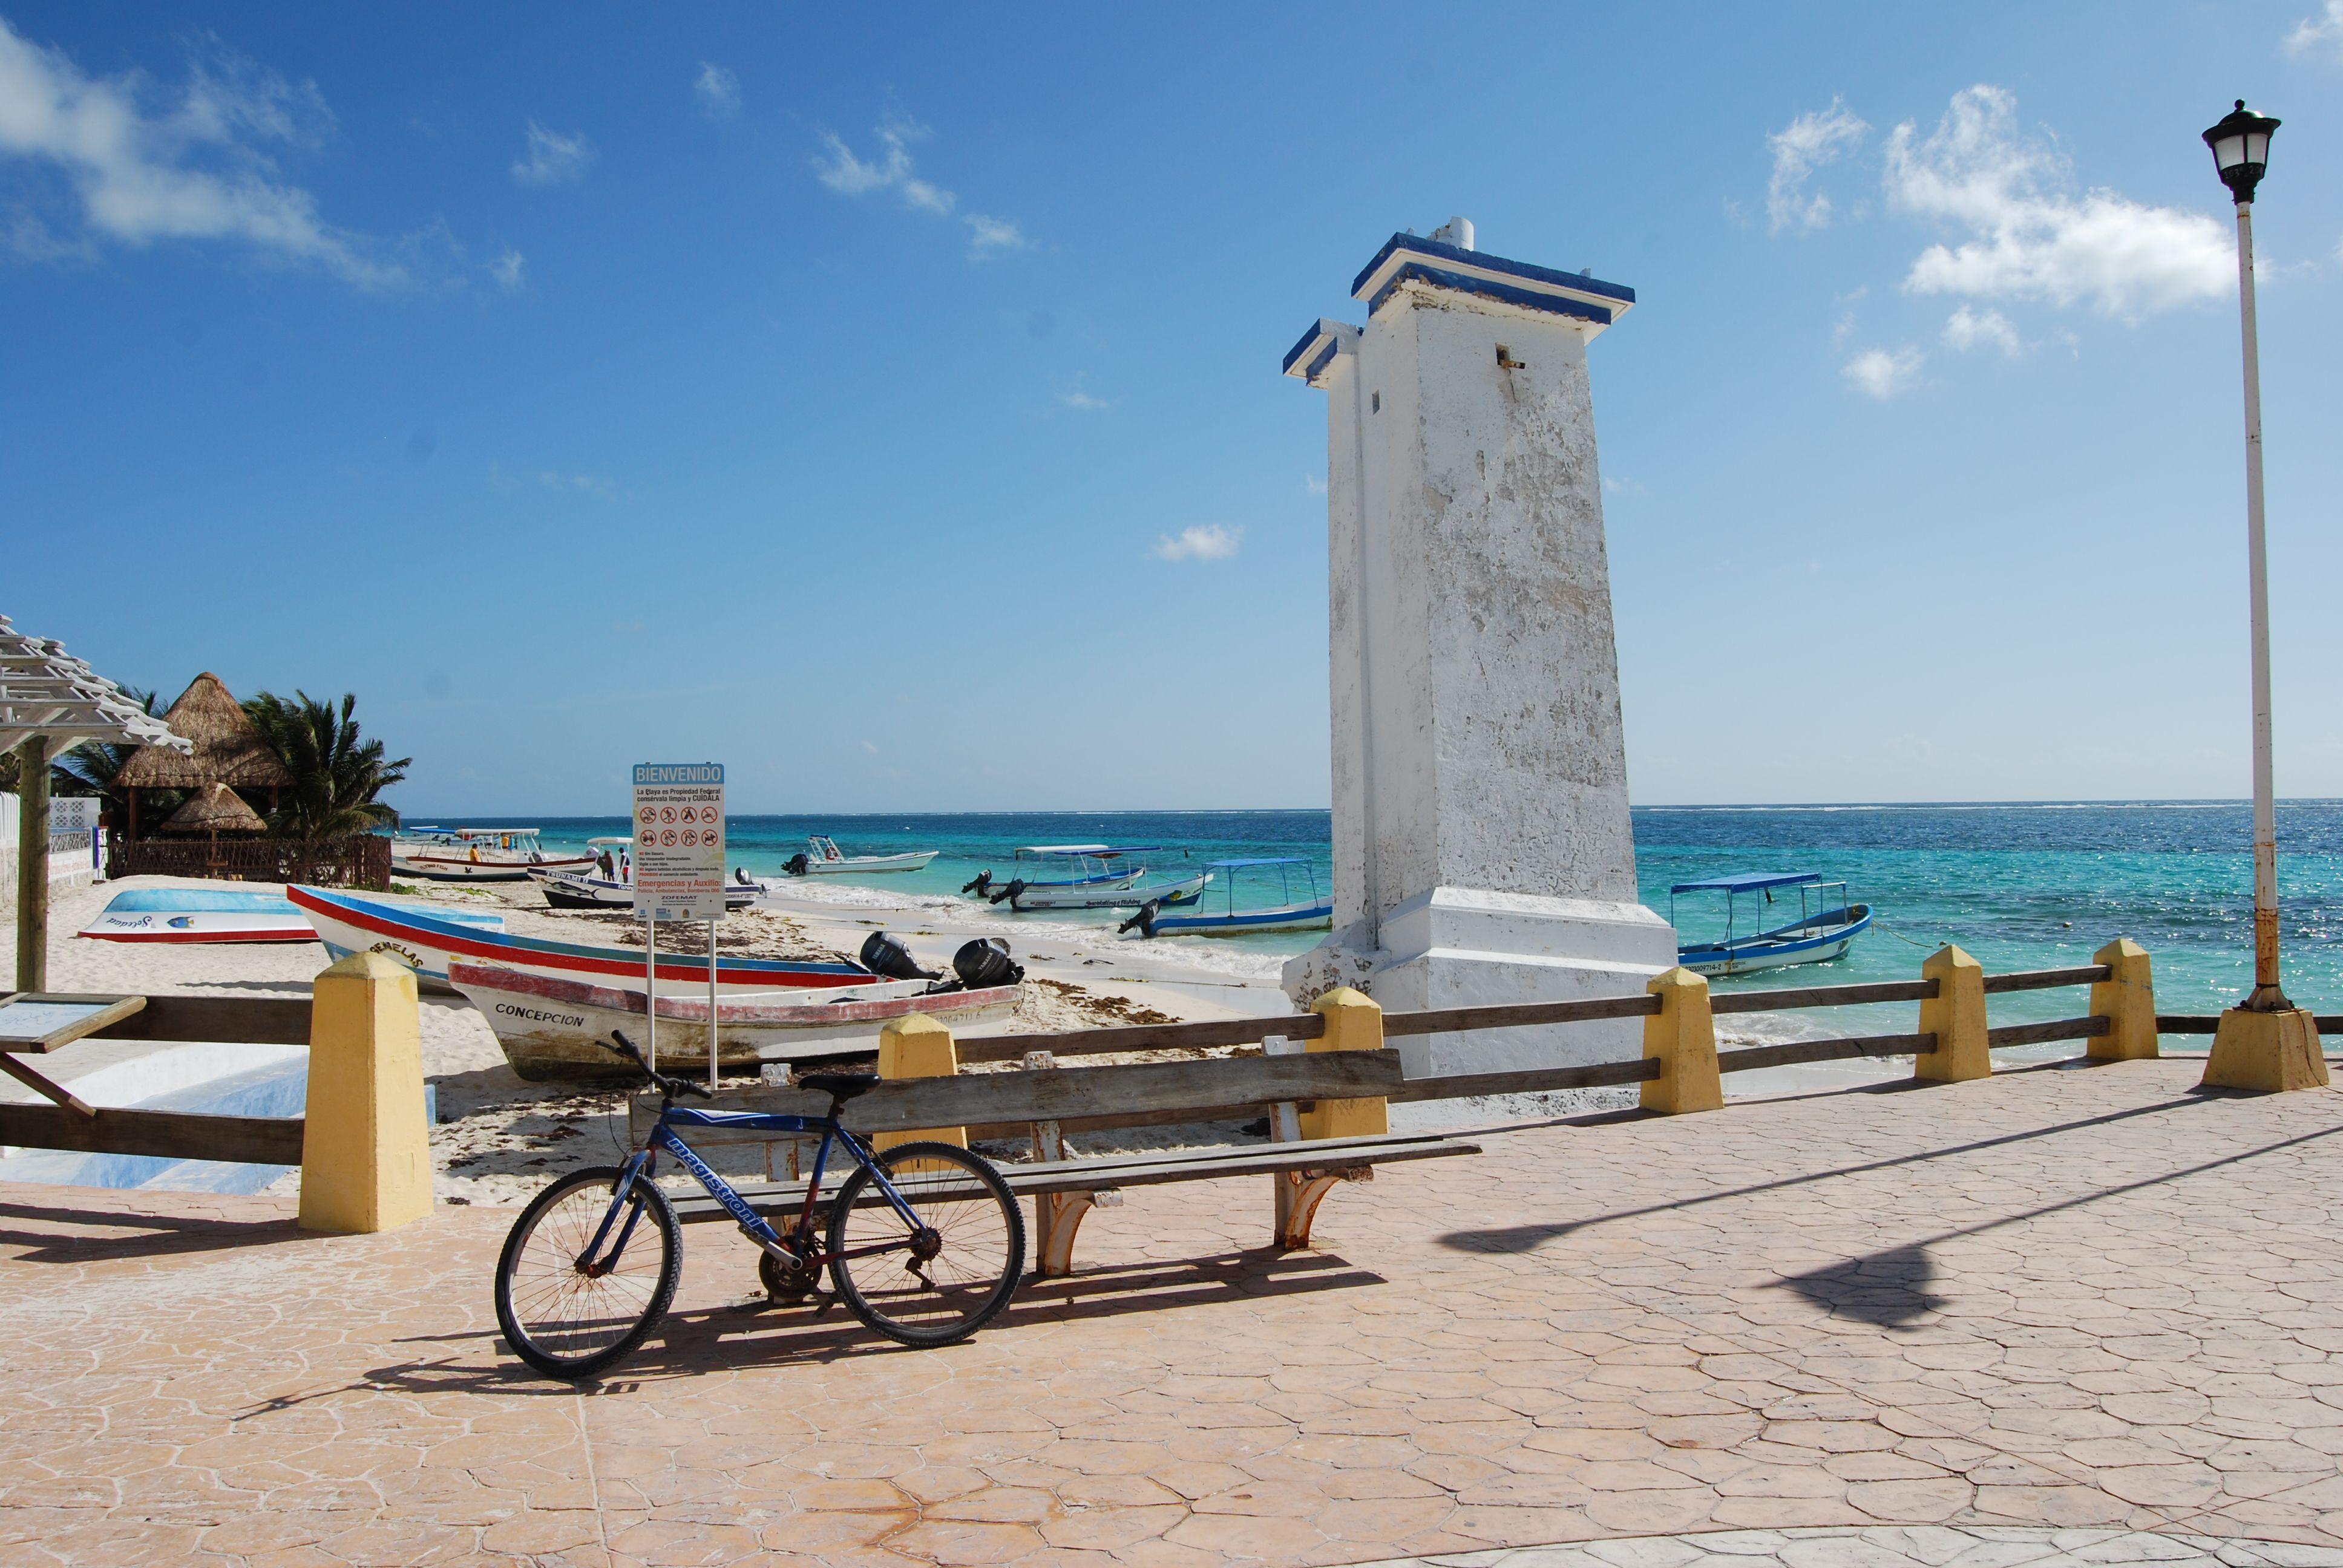 Pin By Chichenitza Bob On Riviera Maya Puerto Morelos Riviera Maya Resorts Quintana Roo